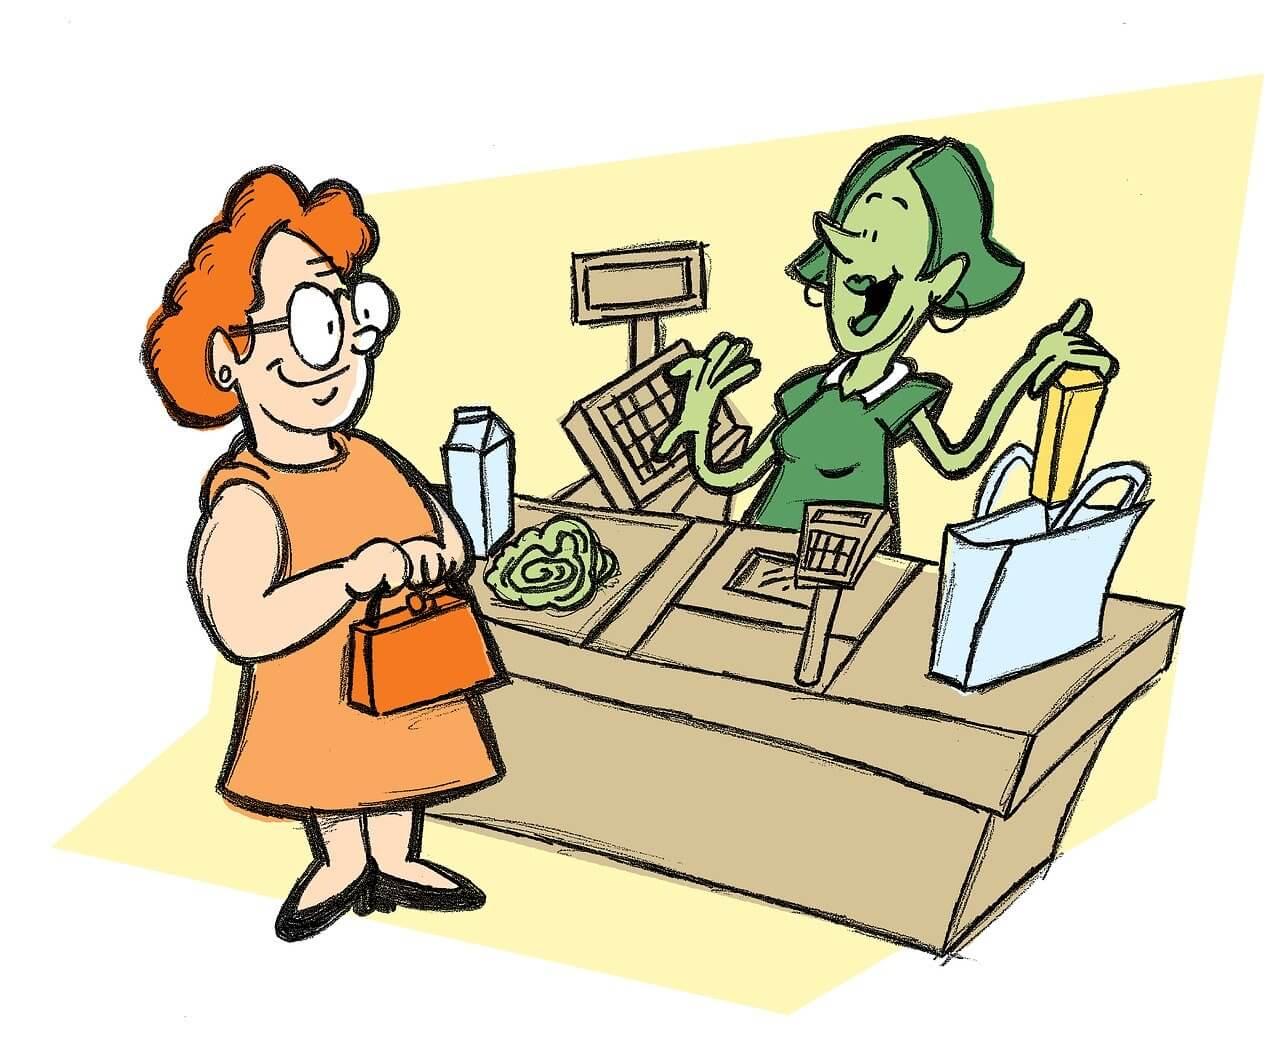 おしゃべりなレジ係(非接触型クレジットカード決済)